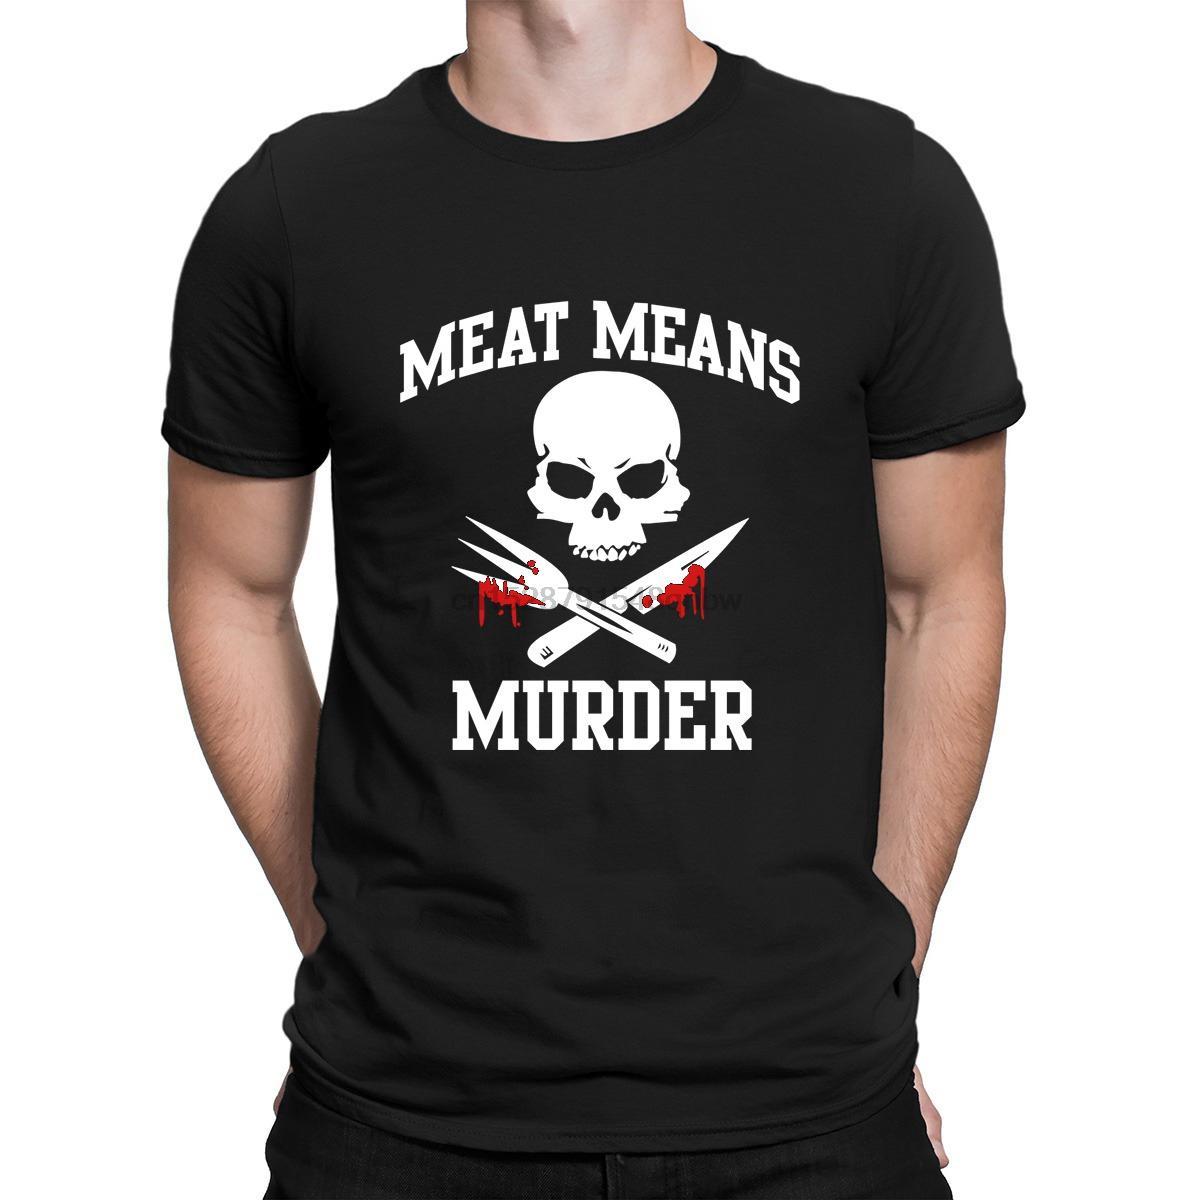 Carne Mezzi Murder T Shirt Basic Sunlight Stampa Lettere girocollo di base della camicia della molla di cotone Solid